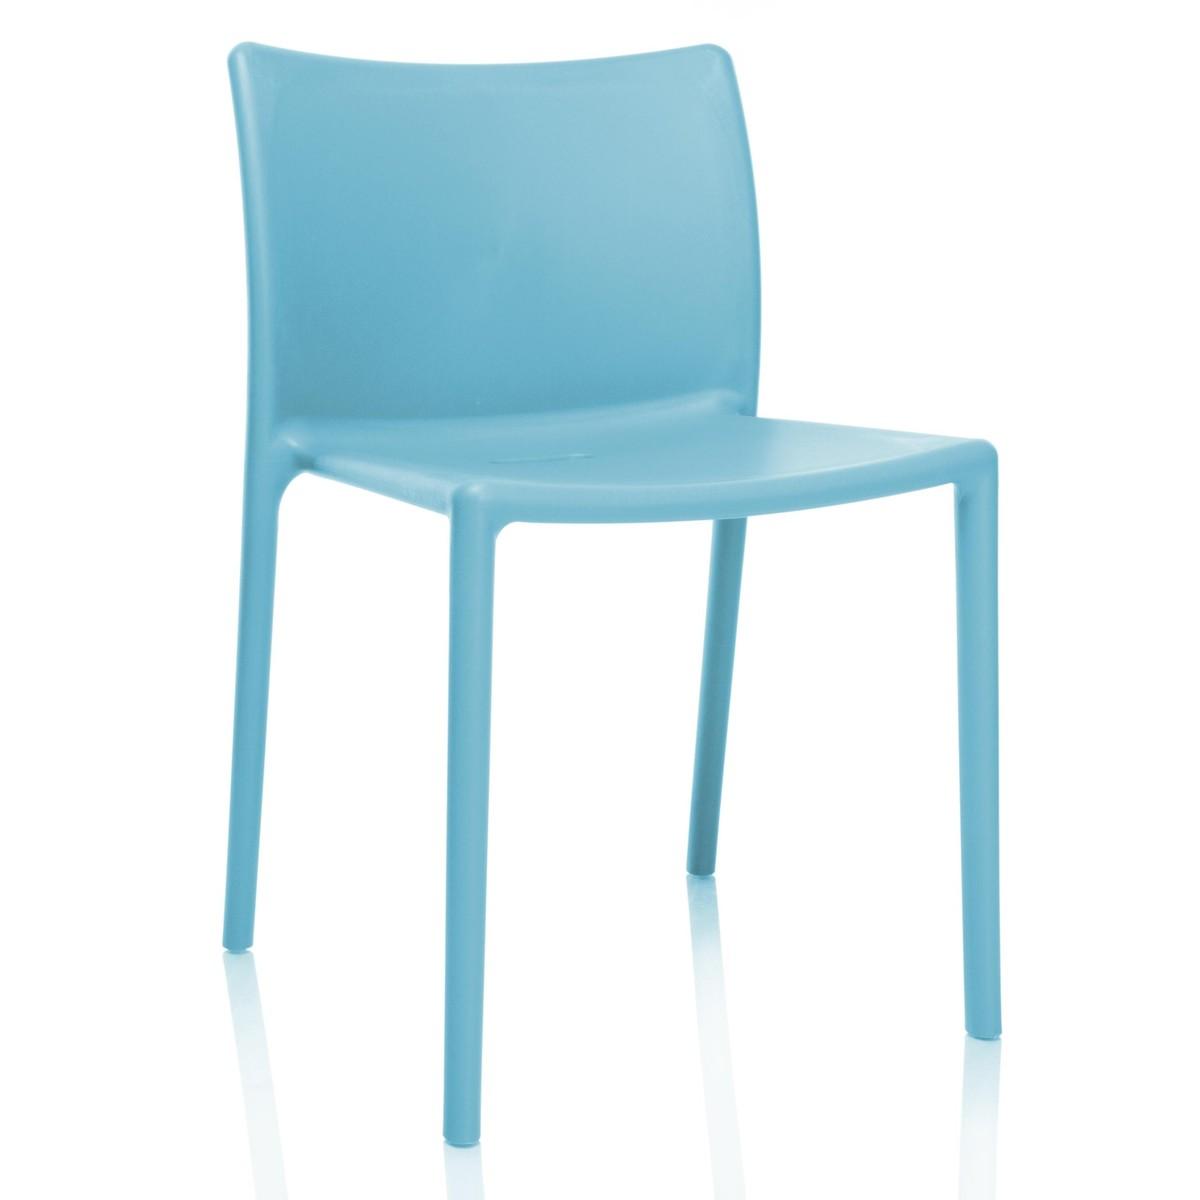 Air chair magis for Magis stuhl